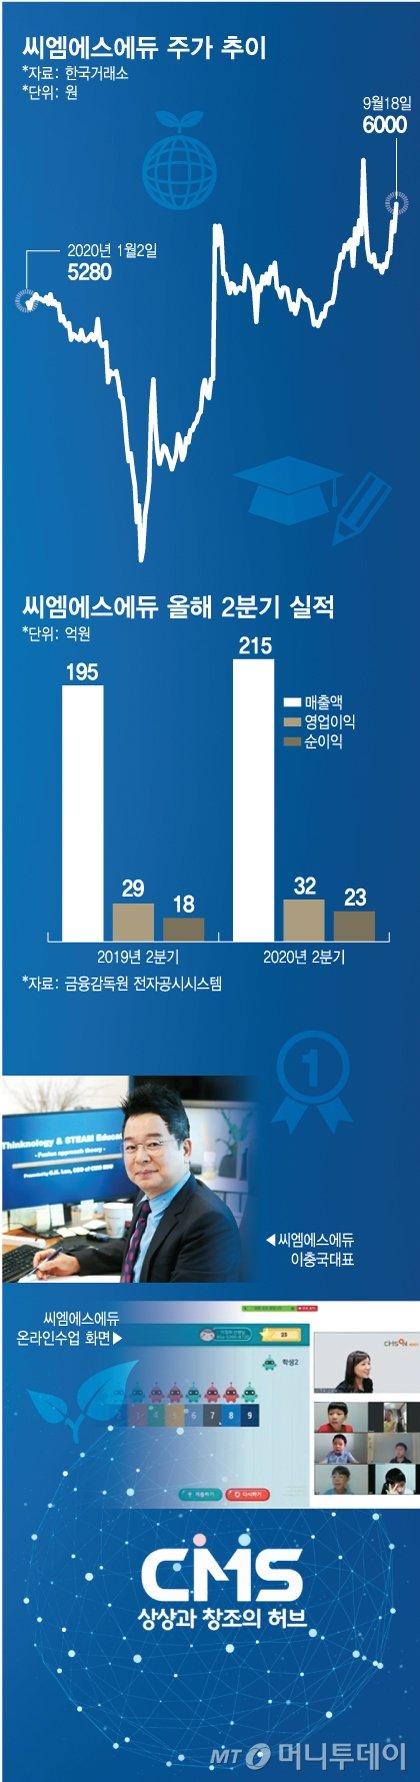 """""""400명 온라인수업에 4000명 몰려"""" 씨엠에스에듀 '나홀로 성장'"""